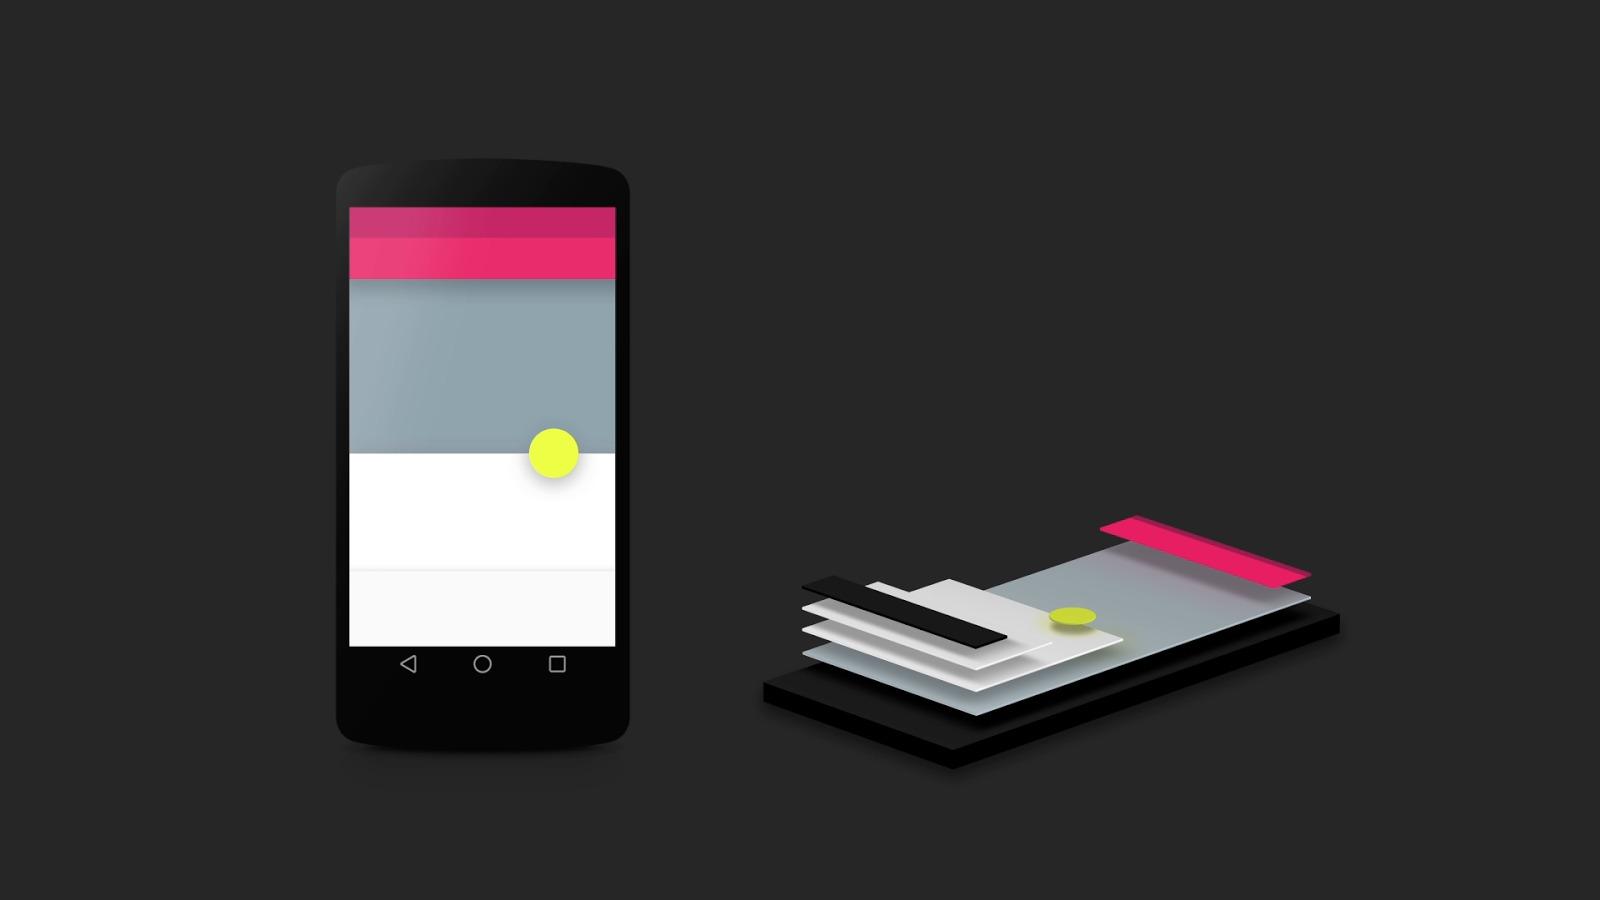 Android 5.0 lollipop: het complete overzicht